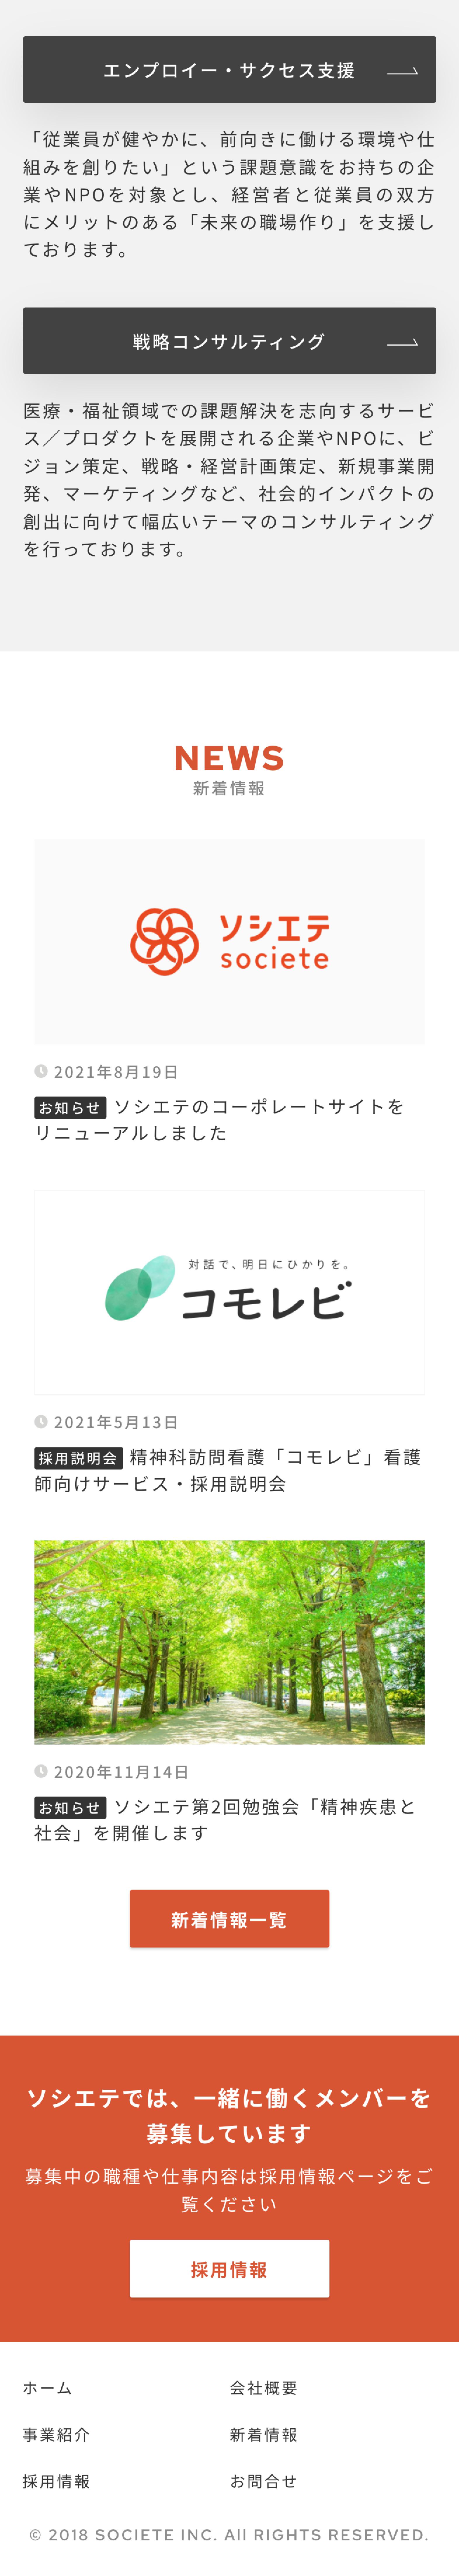 株式会社ソシエテ(スマホ)